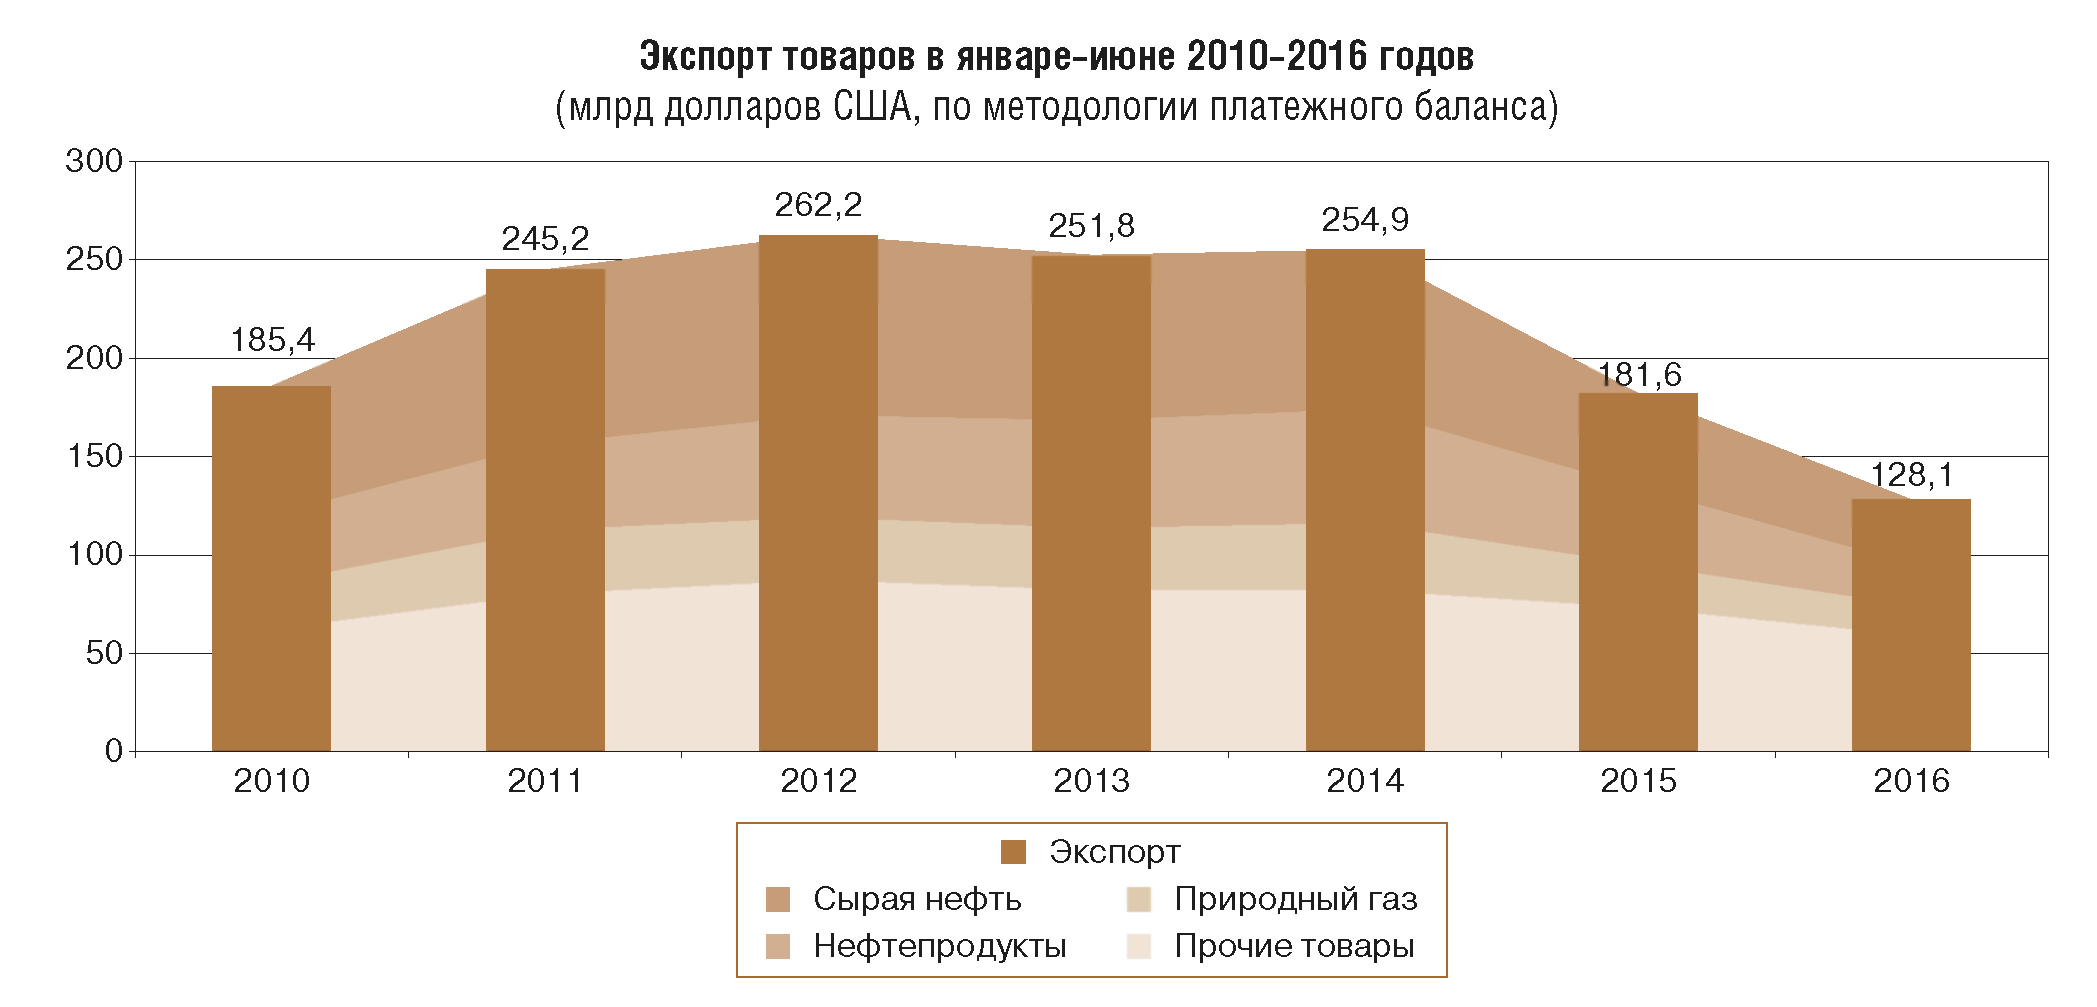 внешняя задолженность россии 2013 презентация